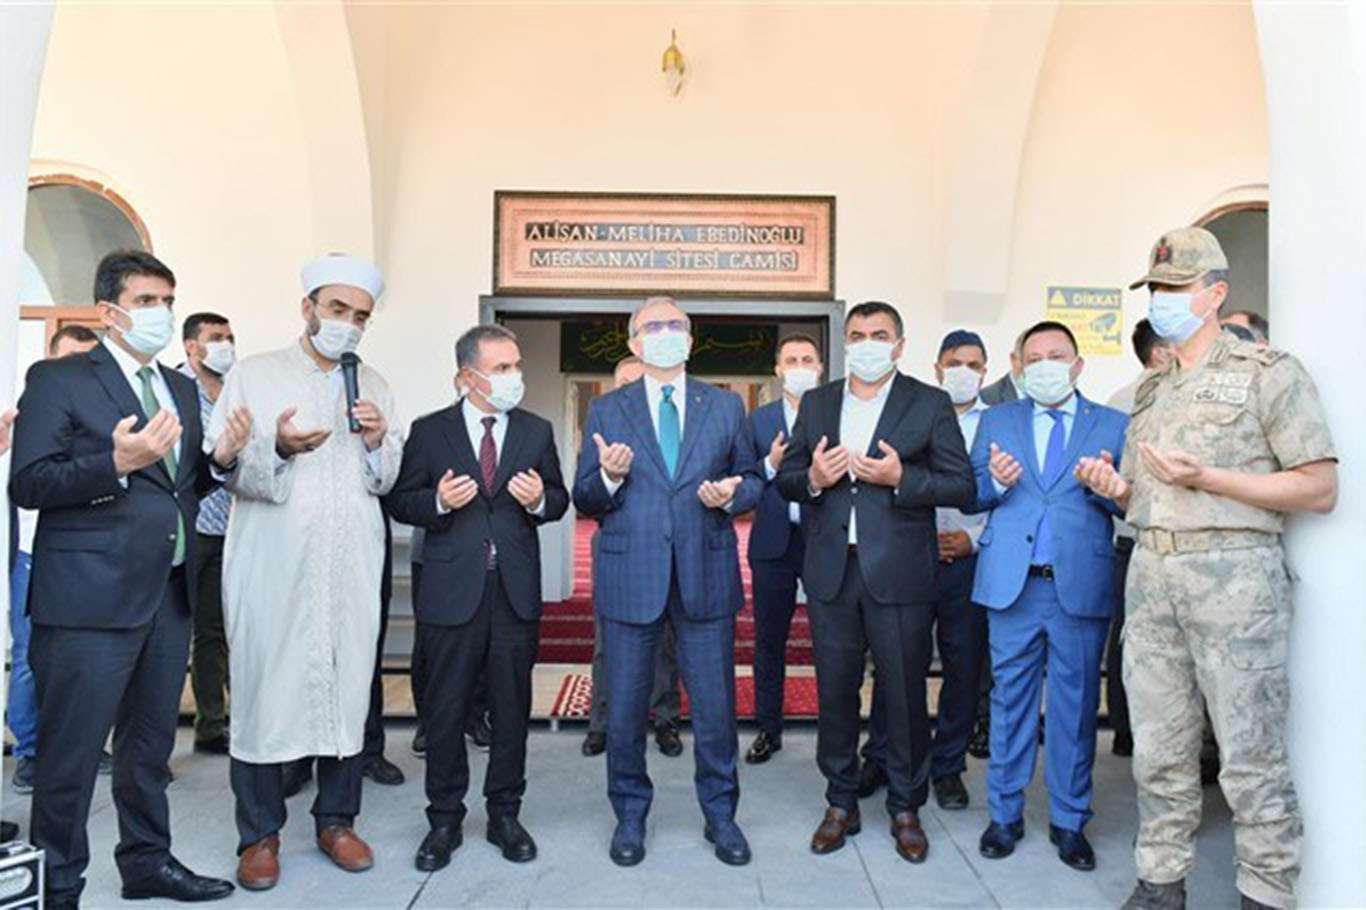 Diyarbakır Mega Sanayi Sitesi Camisi ibadete açıldı